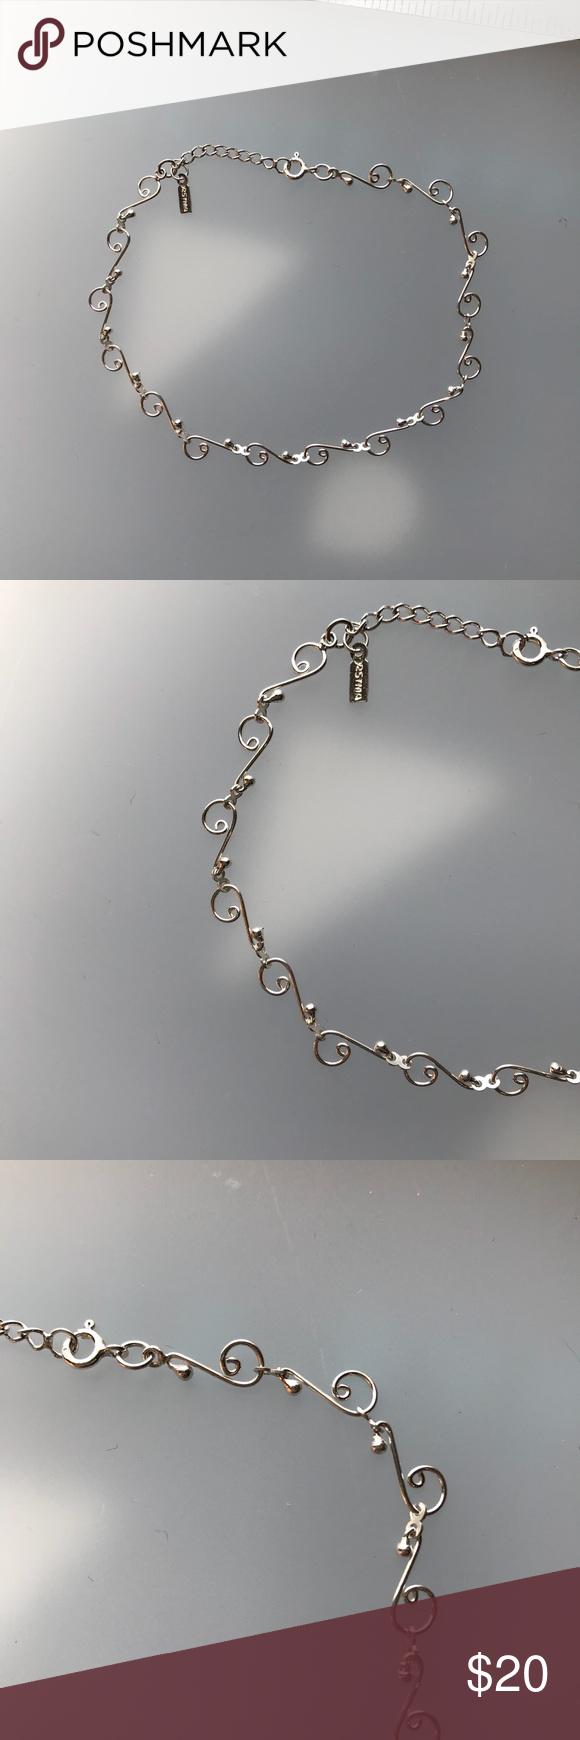 Adjustable anklet Copper anklet Sterling silver anklet Ankle bracelet silver Circle anklet